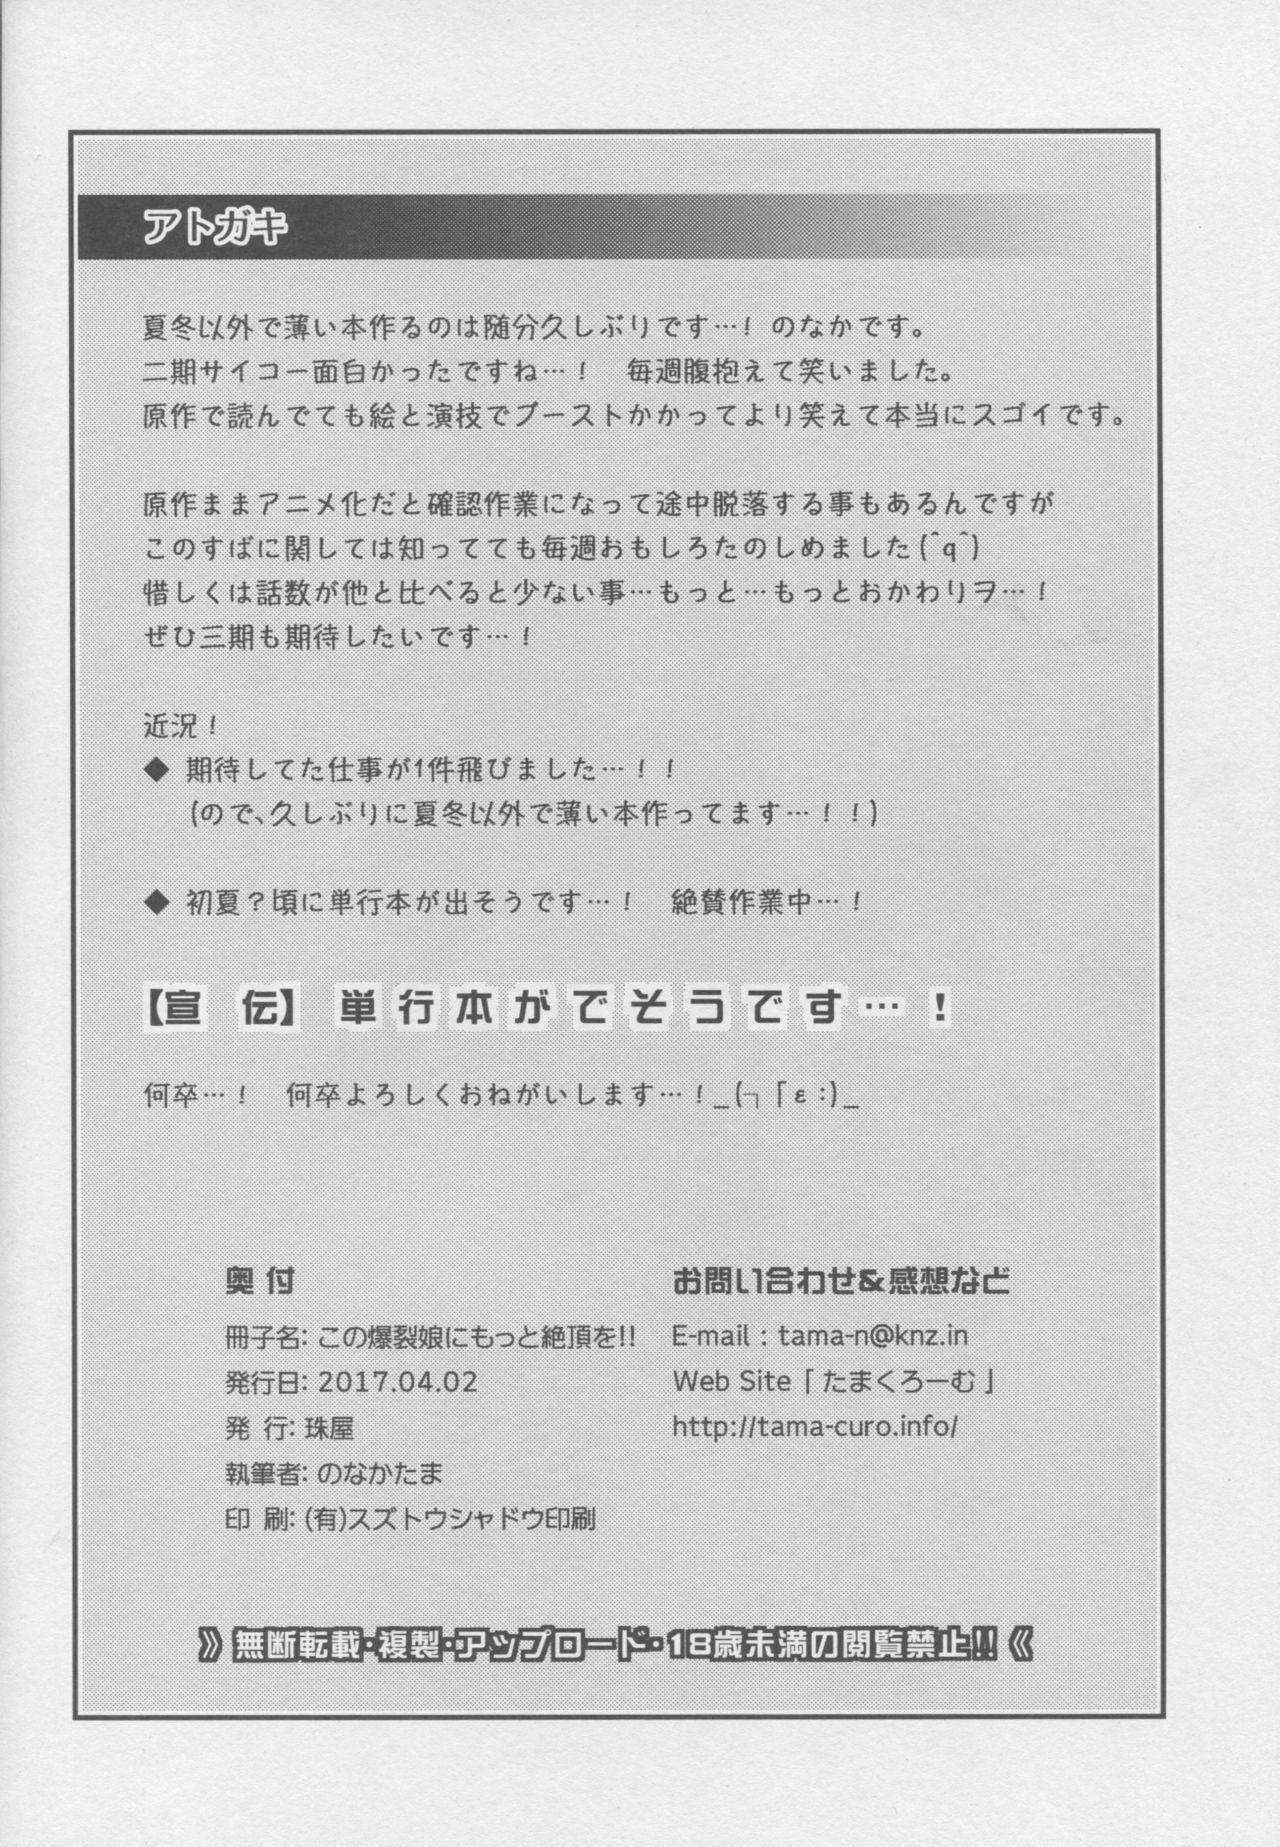 Kono Bakuretsu Musume ni Motto Ecstasy o!! 20